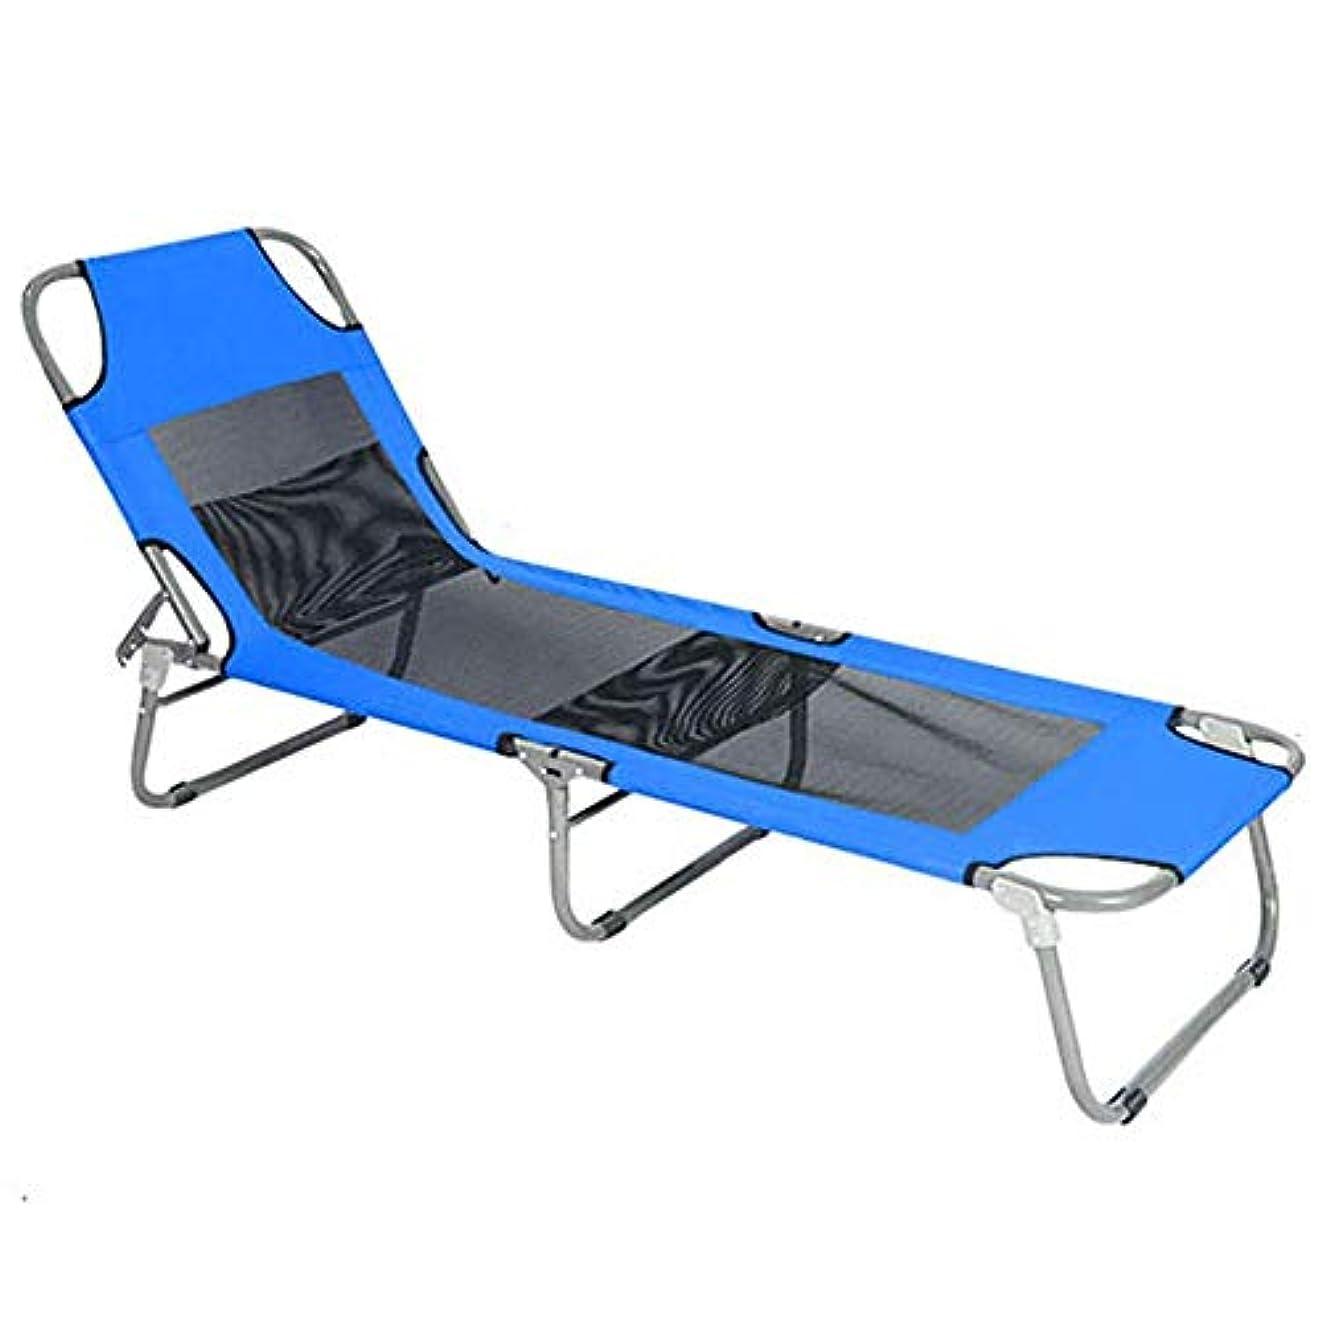 デザートマウスピースピーブ使いやすい アルミキャンプベッド旅行アウトドアキャンプシングルキャンプポータブル軽量ベッド折りたたみホームオフィス休憩折りたたみベッド (色 : 青, サイズ : 190*58*31cm)